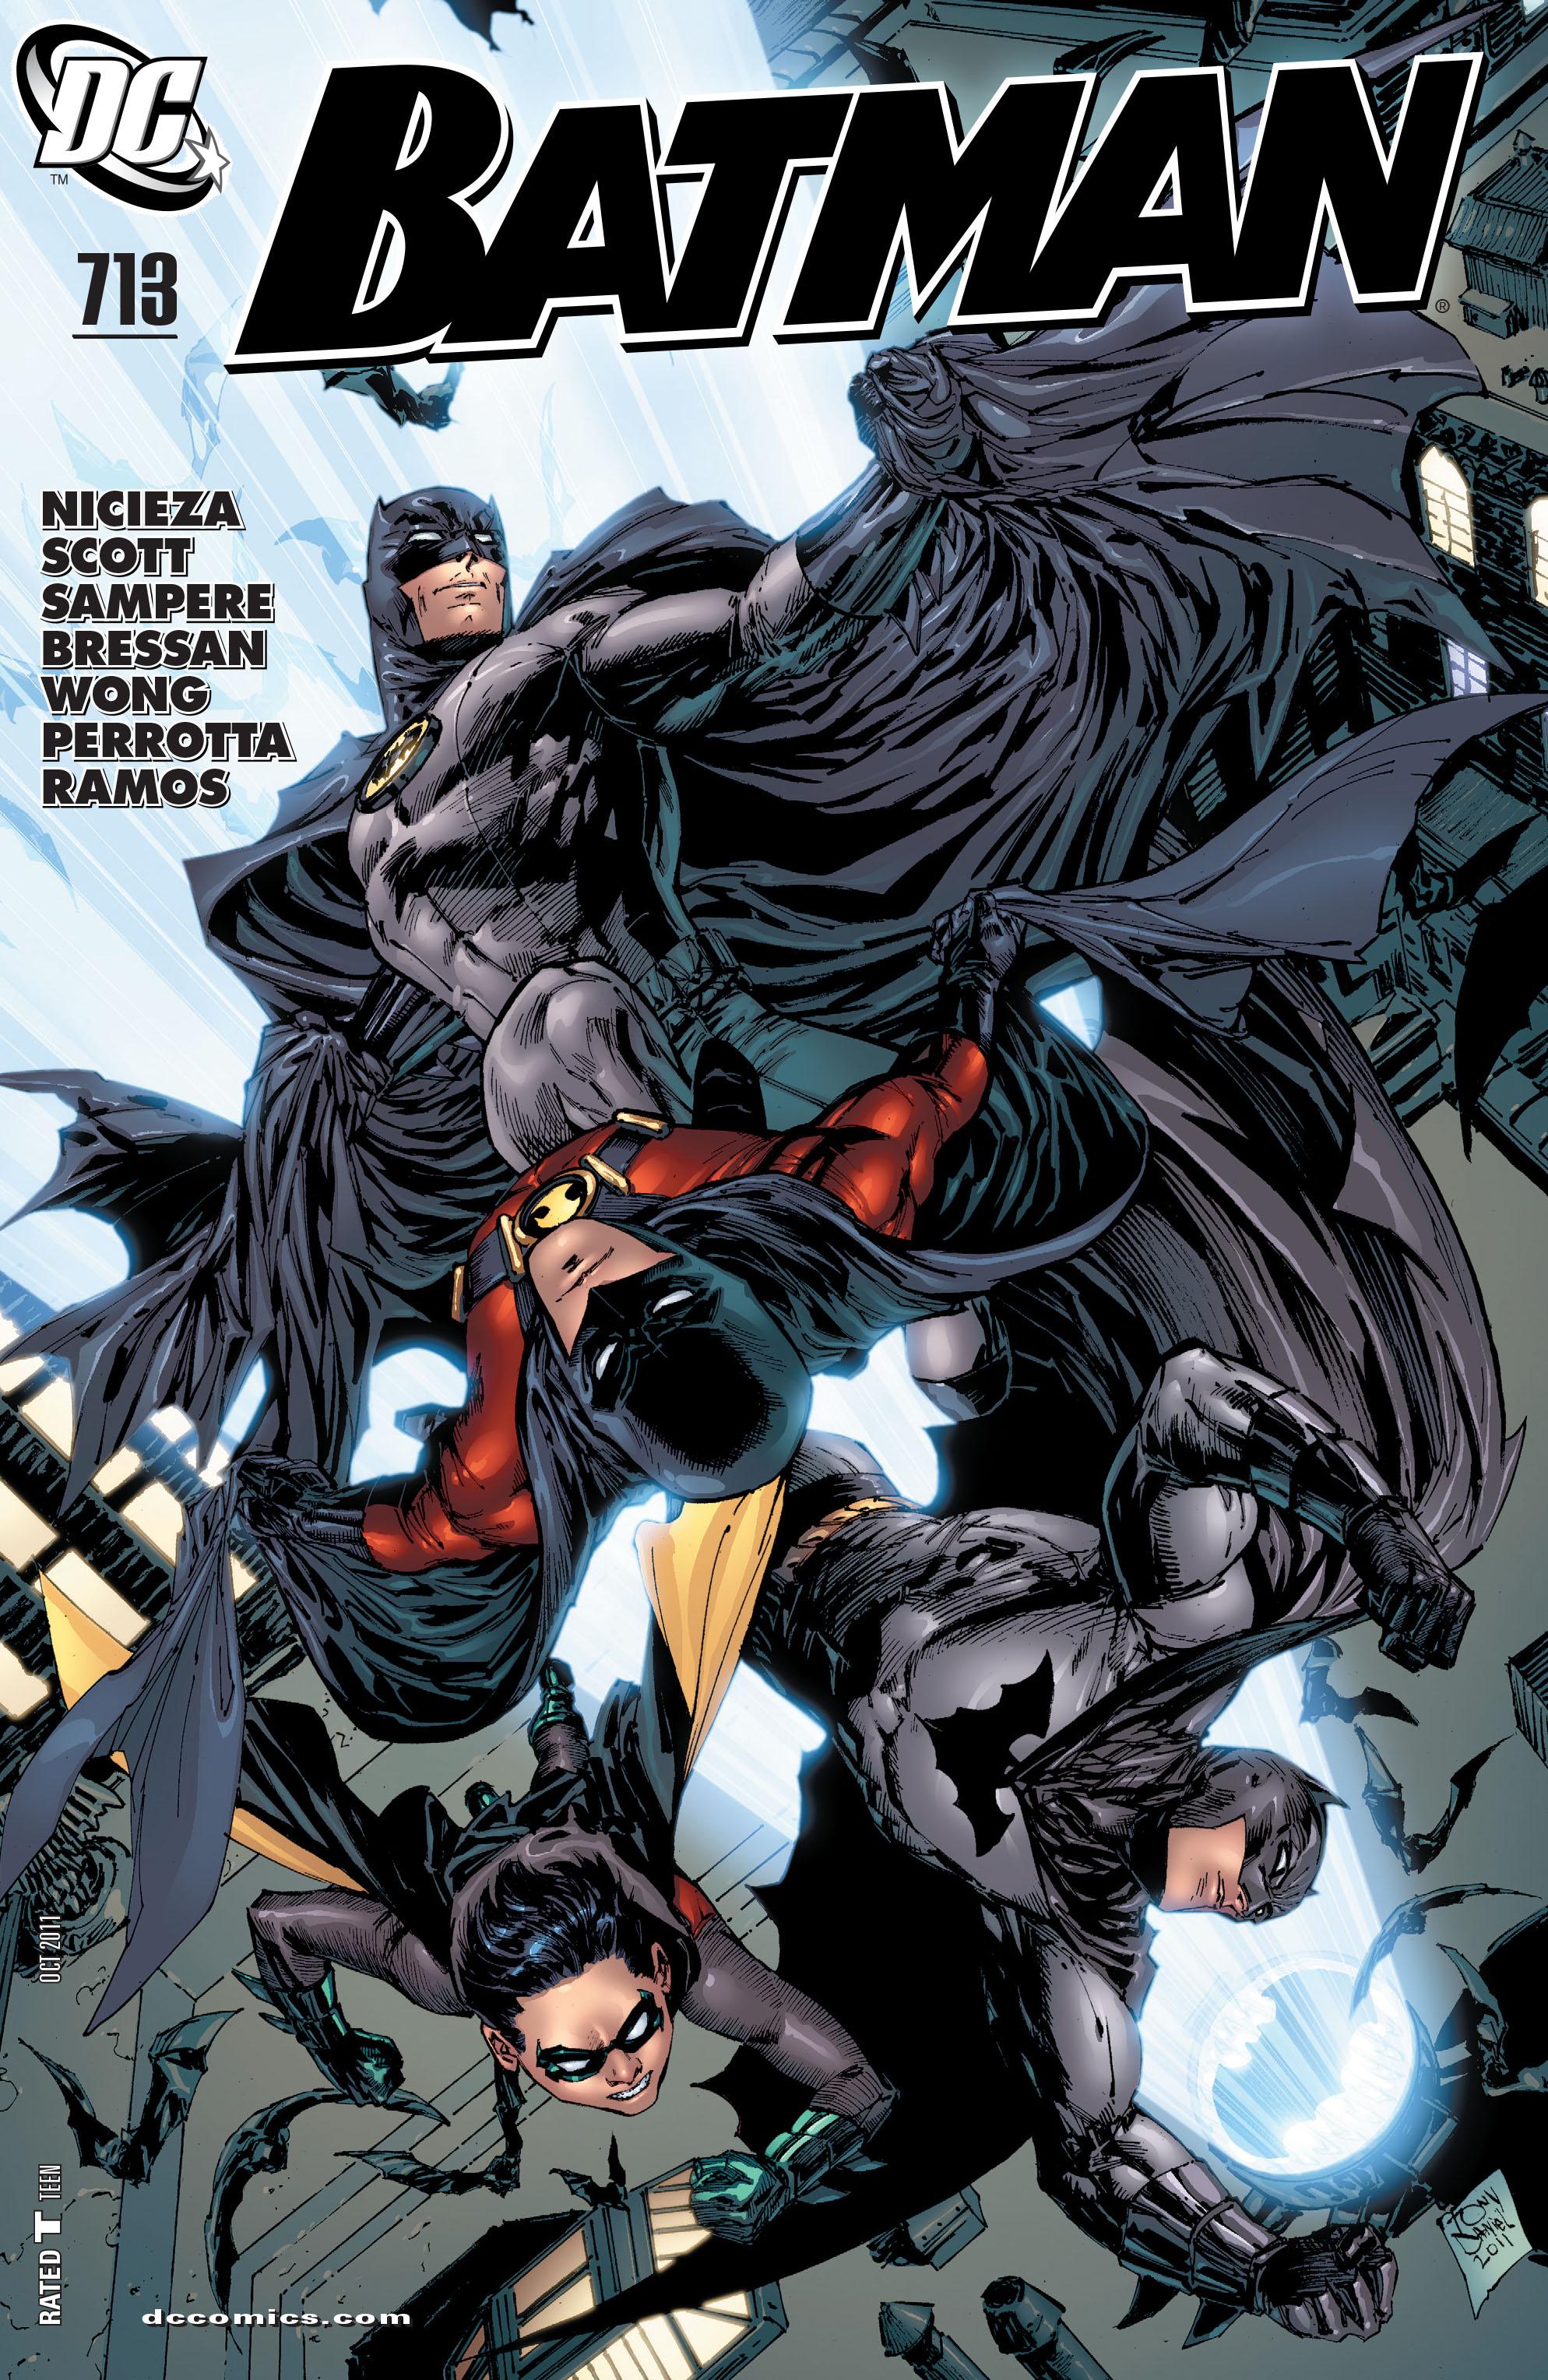 Batman (1940) 713 Page 1